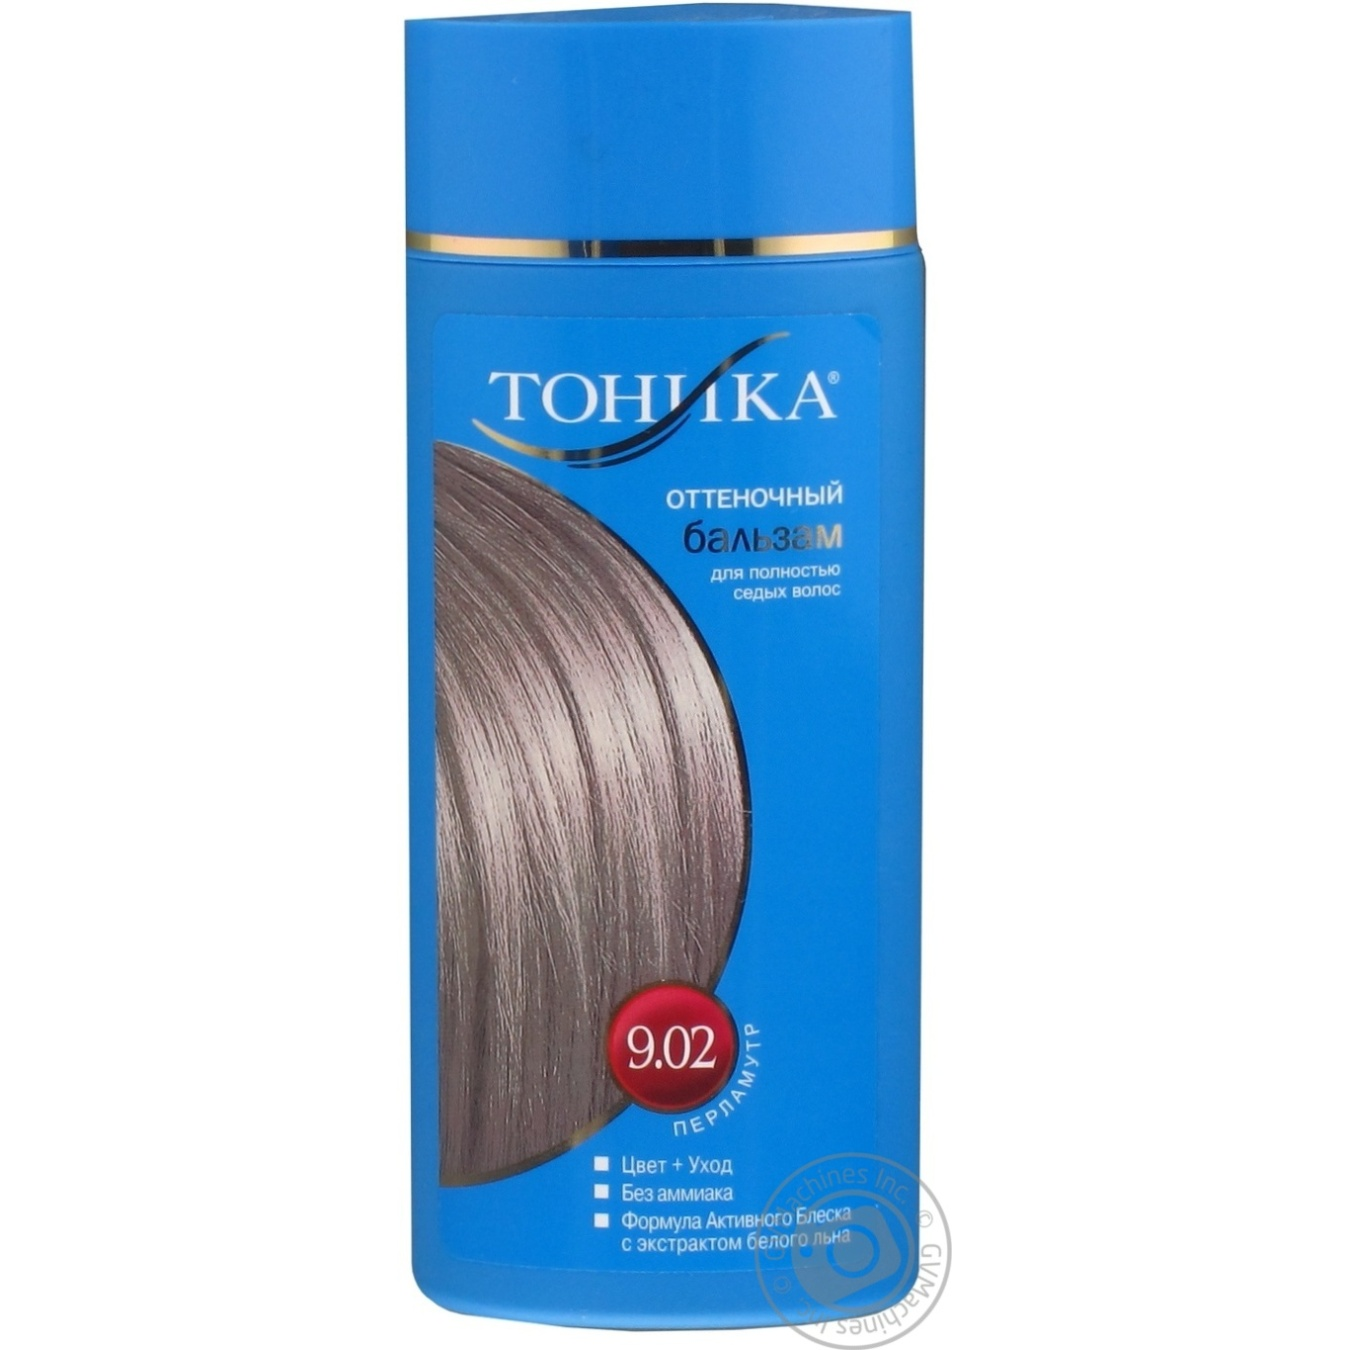 Тоники для волос минск